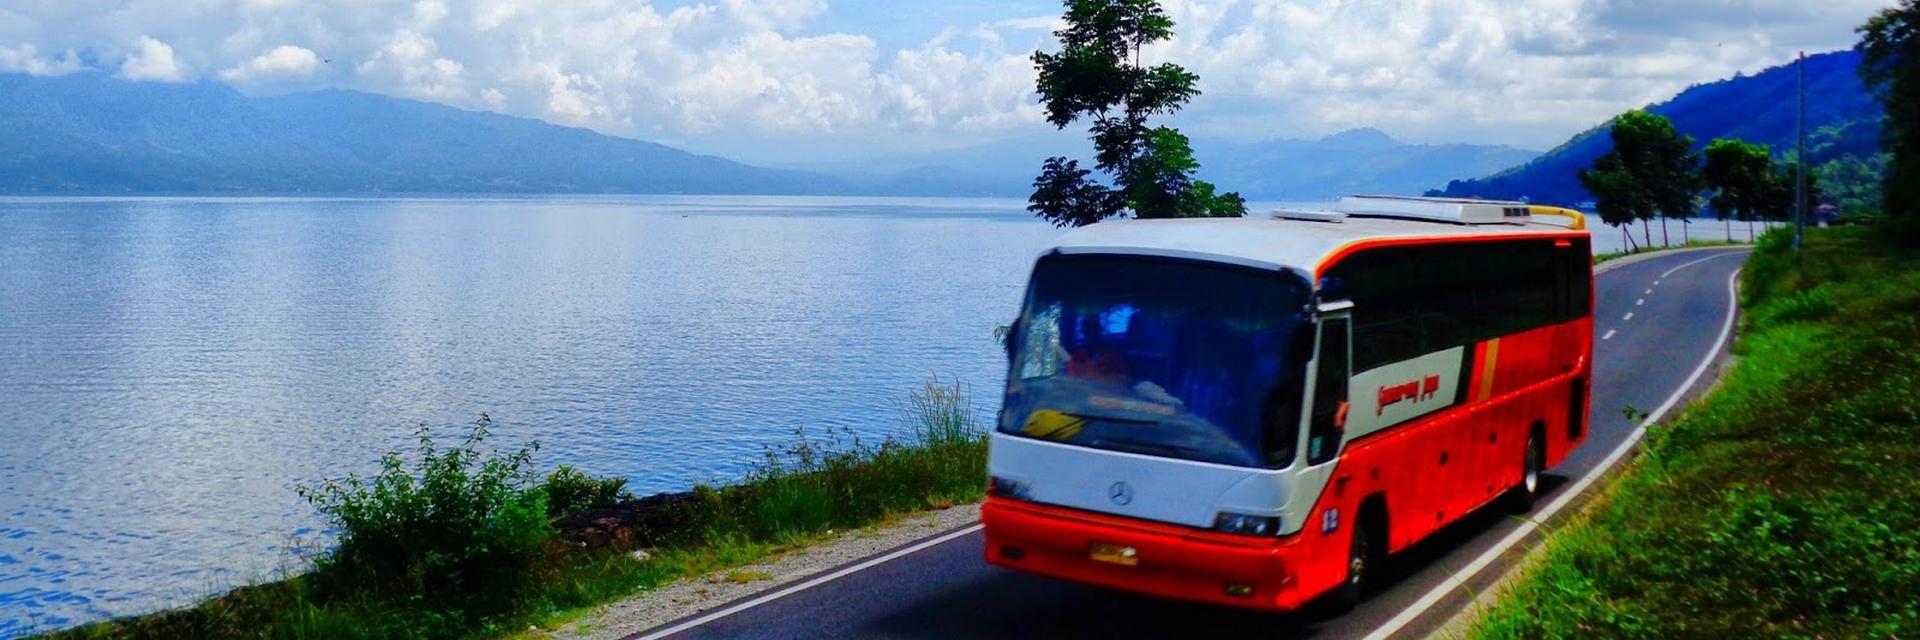 Danau Singkarak yang Telah Go Internasional Danau Singkarak yang Telah Go Internasional - Dolan Dolen